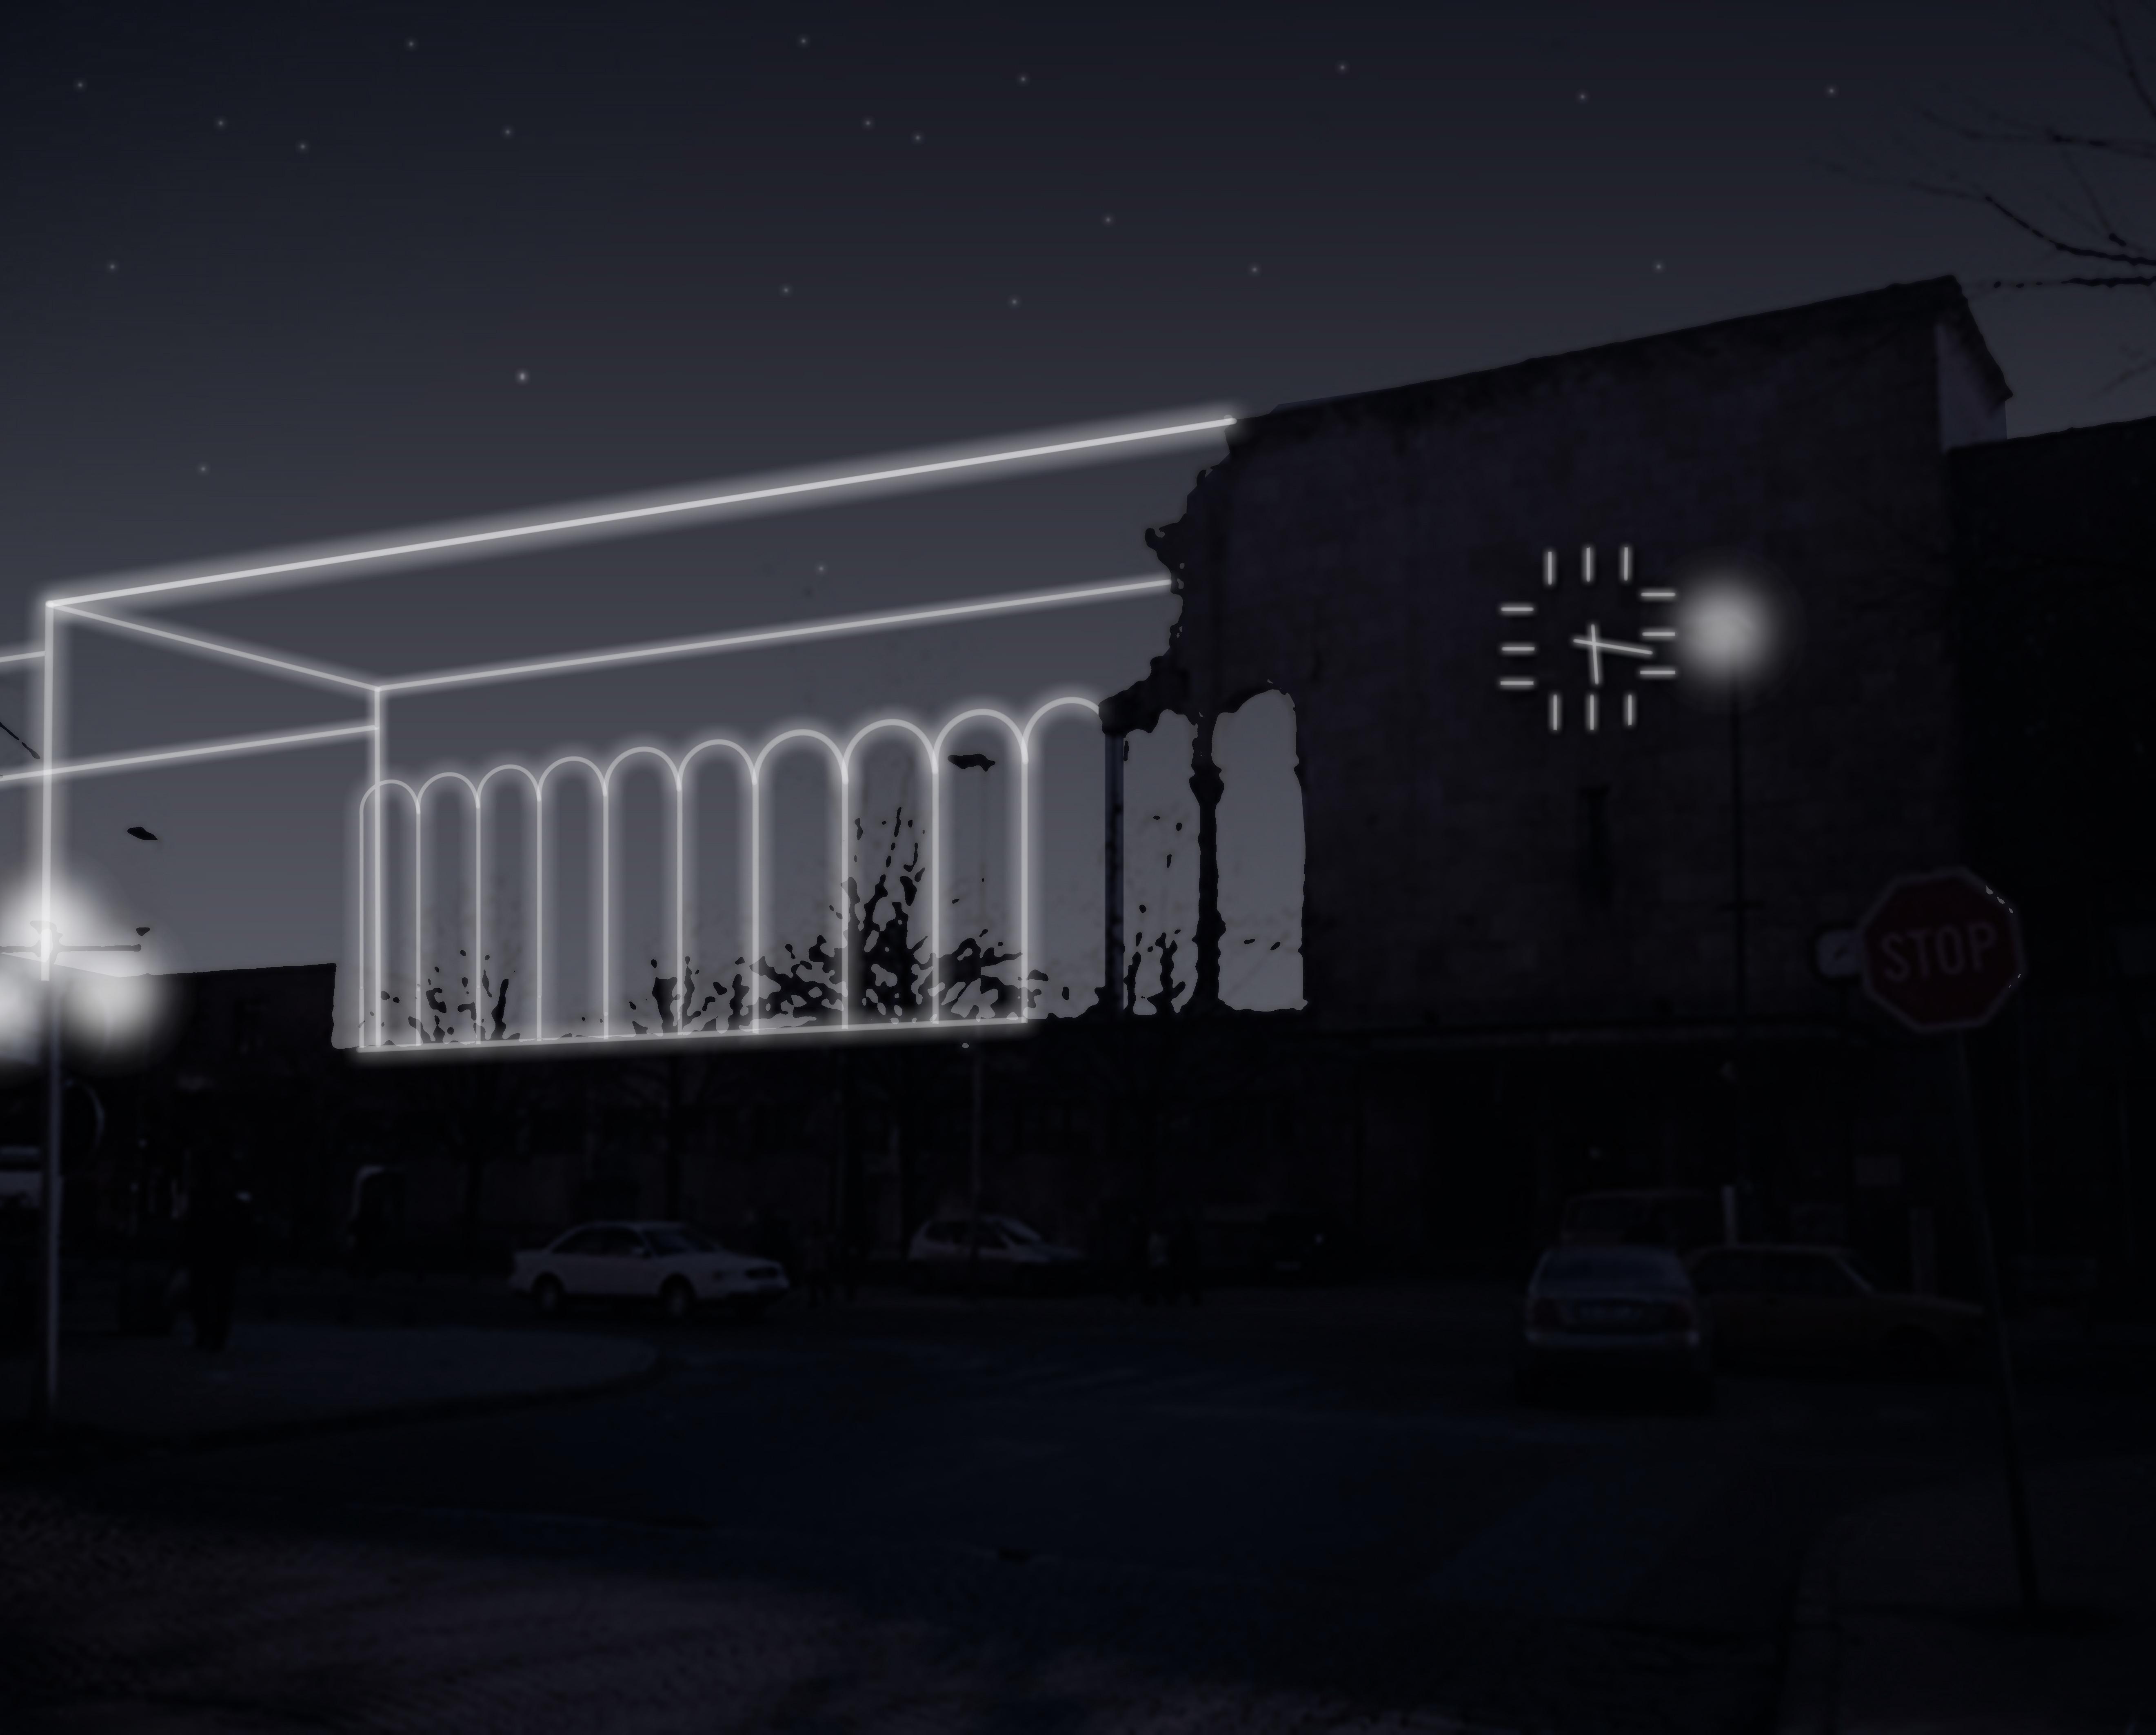 Три студентки од Македонија наградени за најдобар дизајн за светлосна инсталација